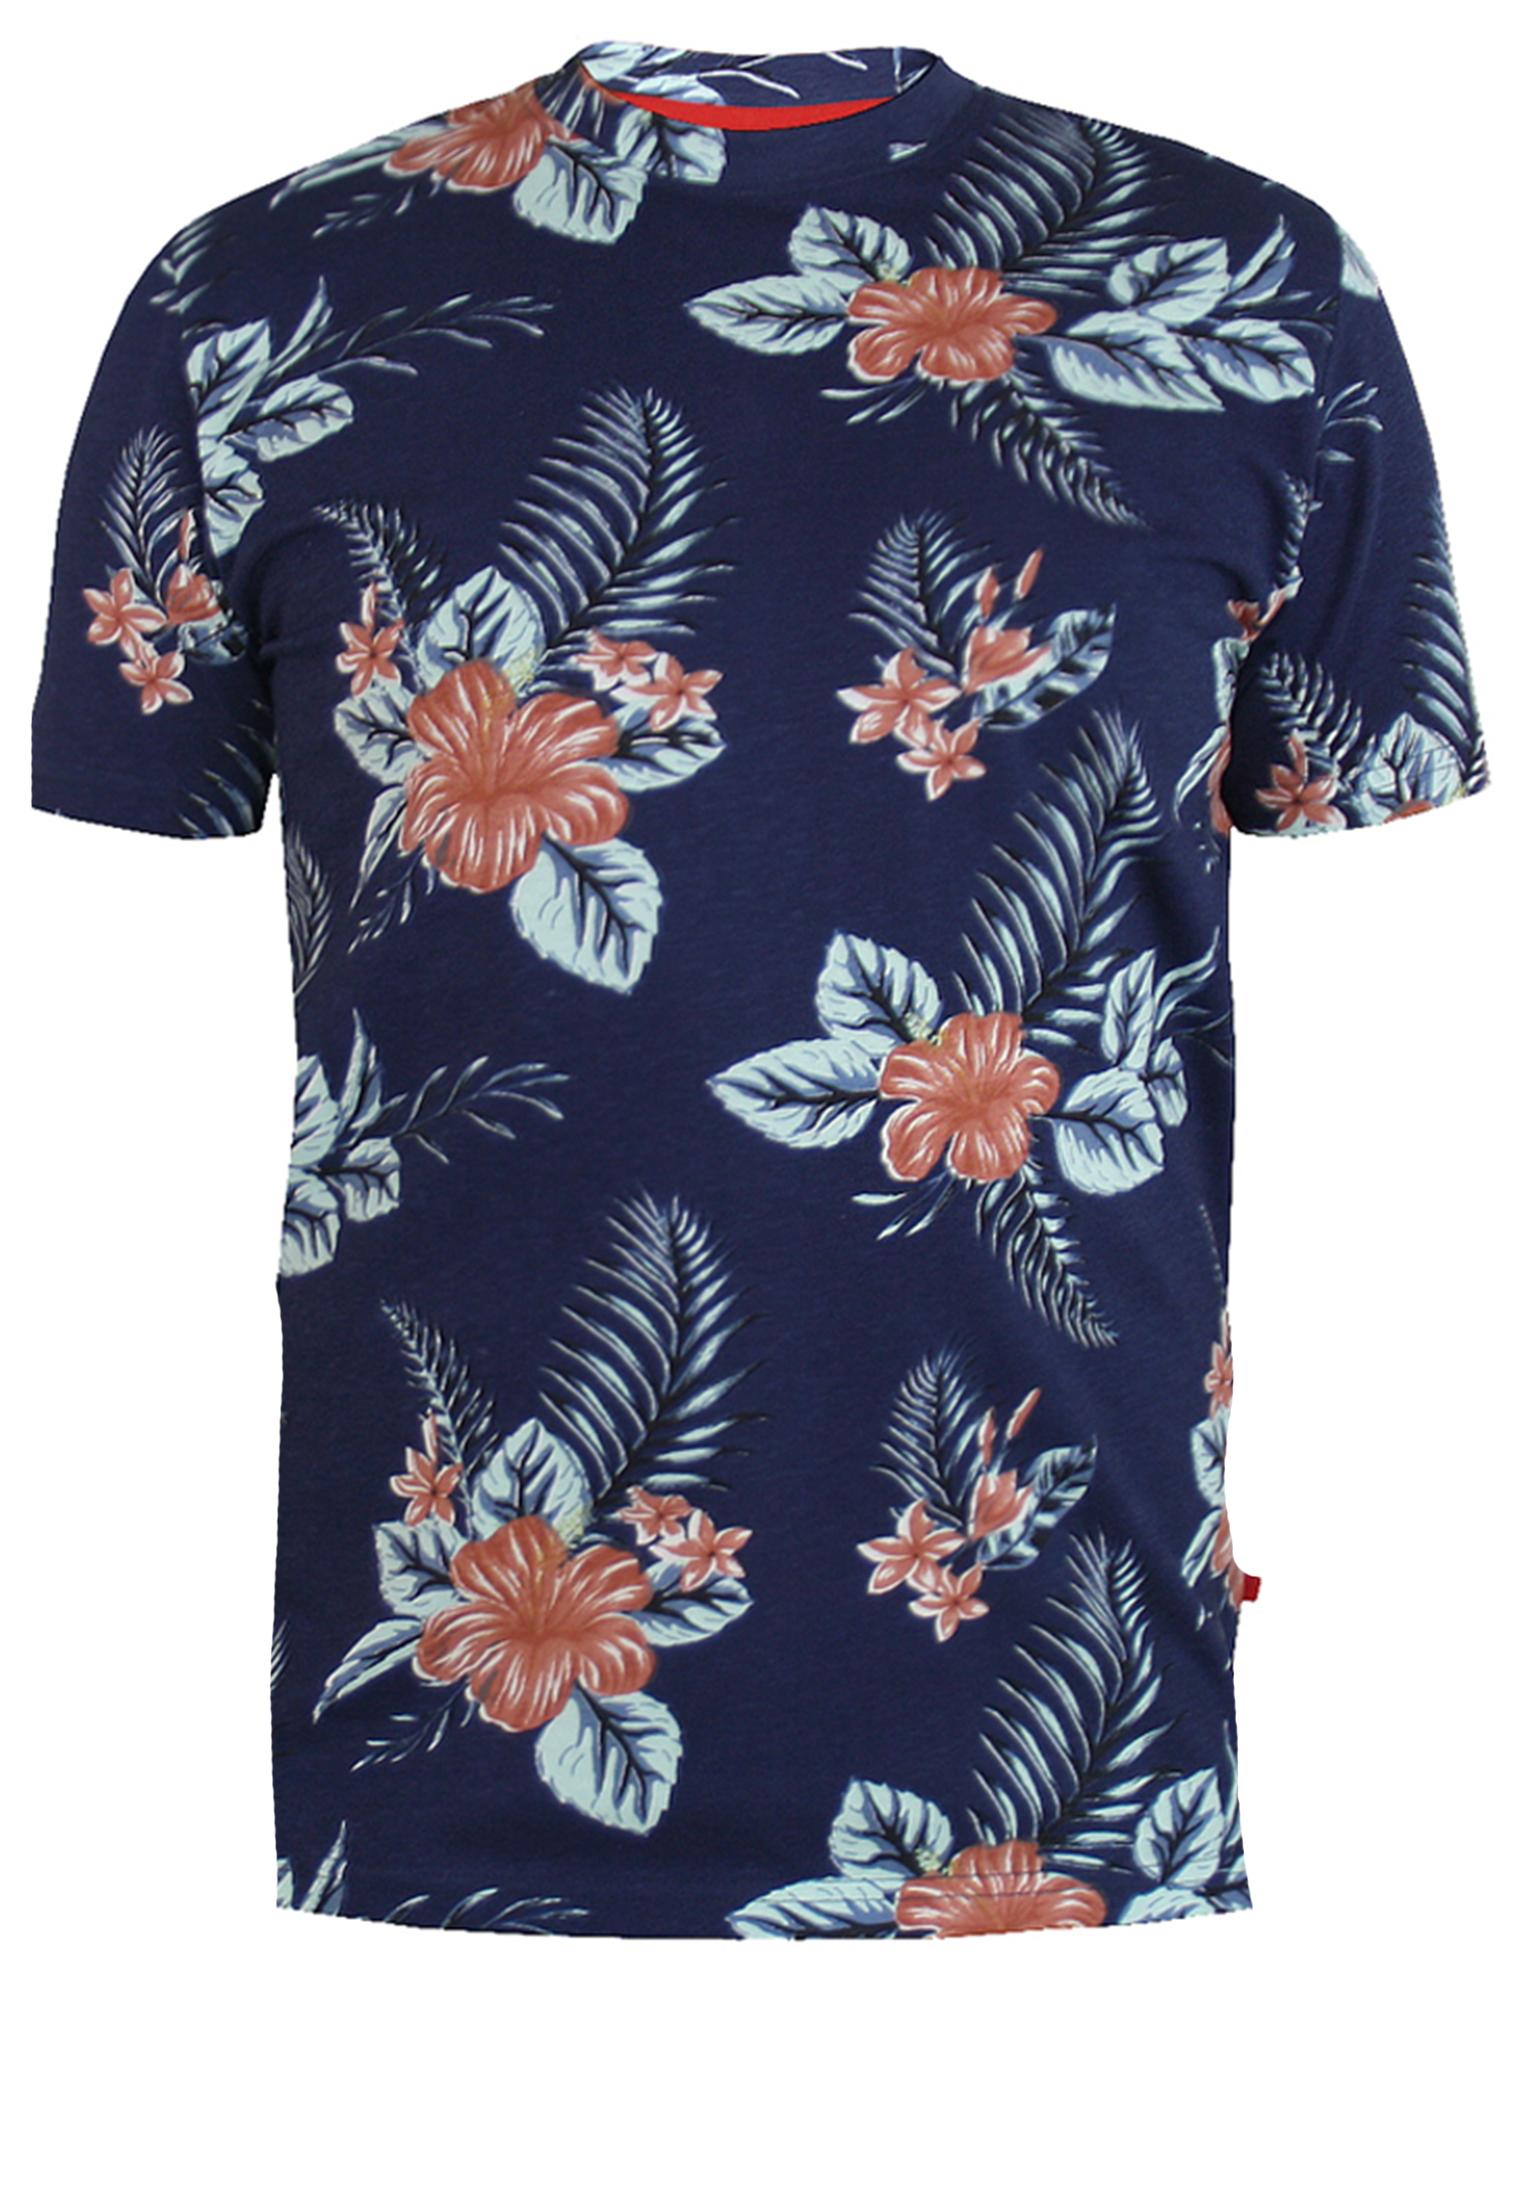 Trendy, zomers t-shirt van D555 in een donkerblauwe uitvoering met een allover print. Dit shirt is ideaal te combineren met diverse soorten jeans en shorts. Perfect voor het voorjaar- en zomerseizoen.